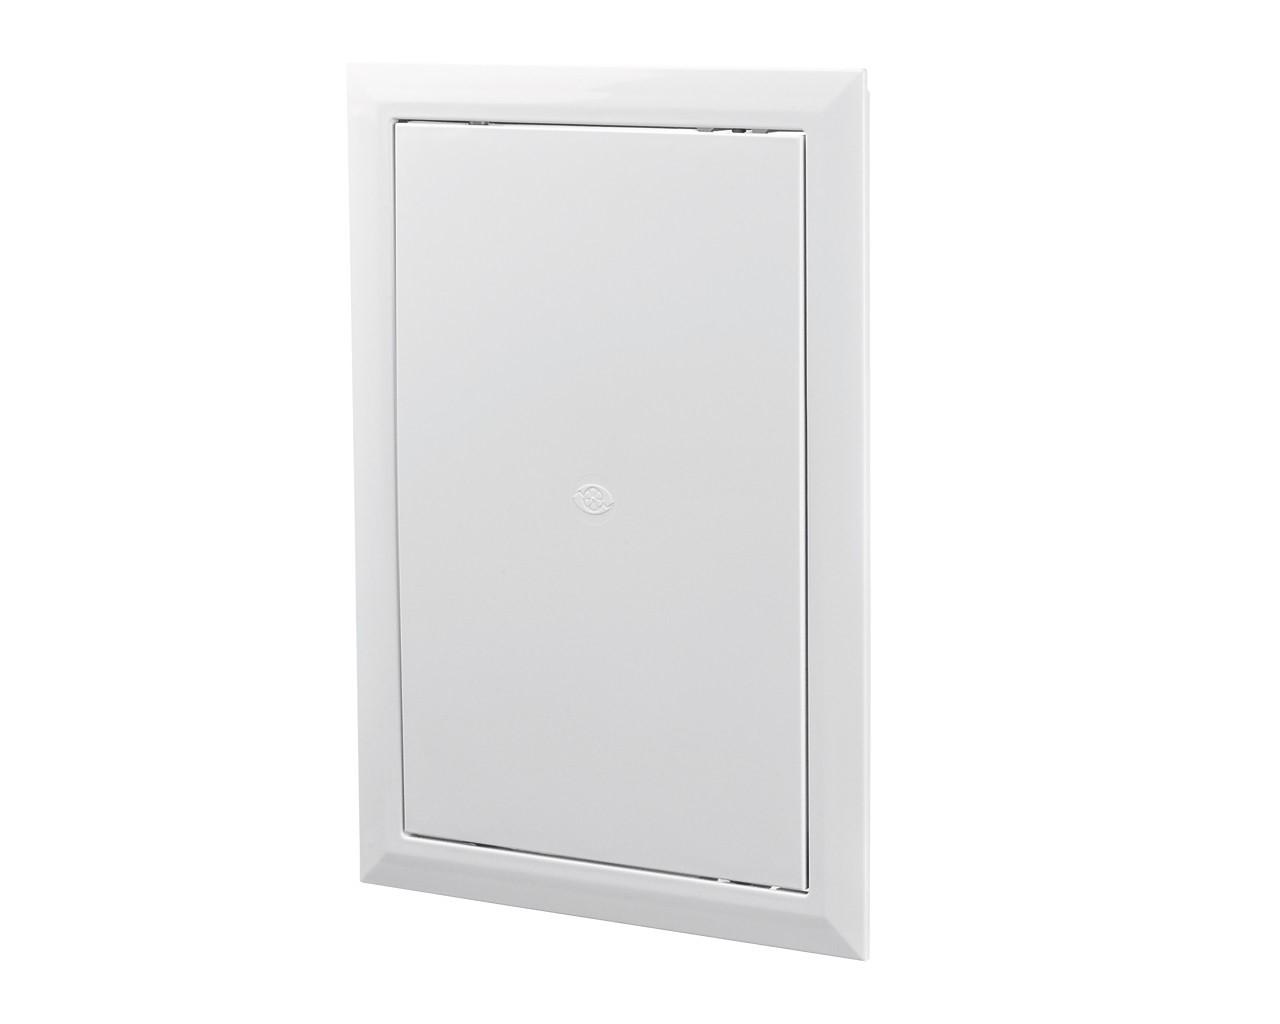 Ревизионная дверца Д 200х400